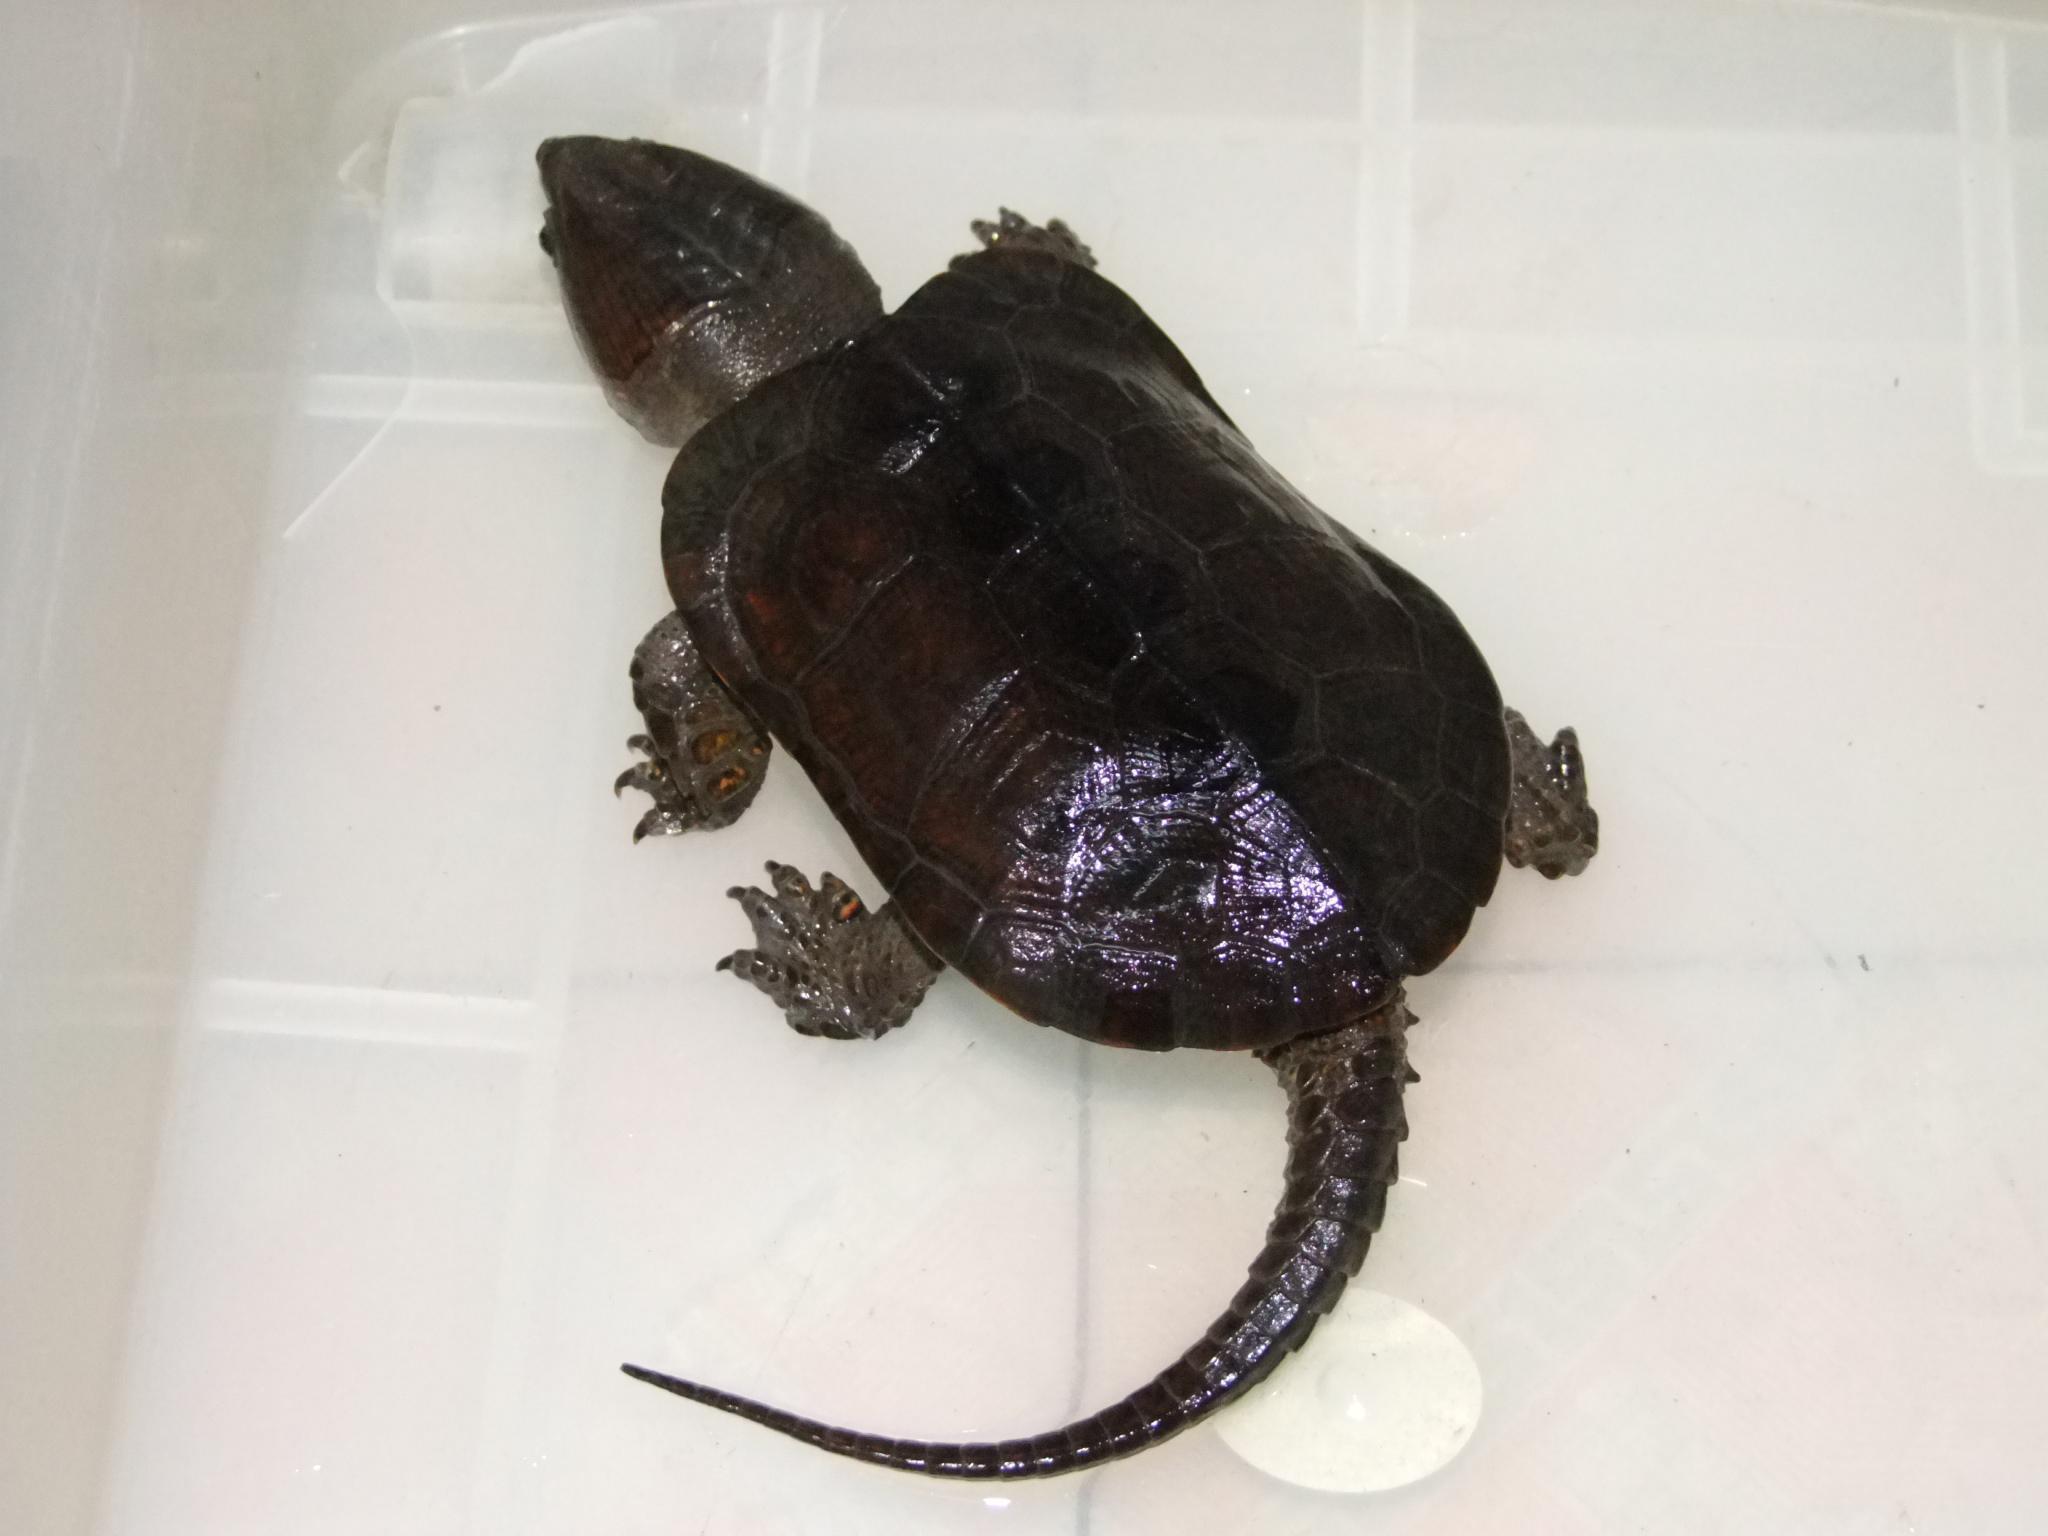 一种永不缩头的乌龟,用它培养出另一种稀有乌龟,售价高达20000图片